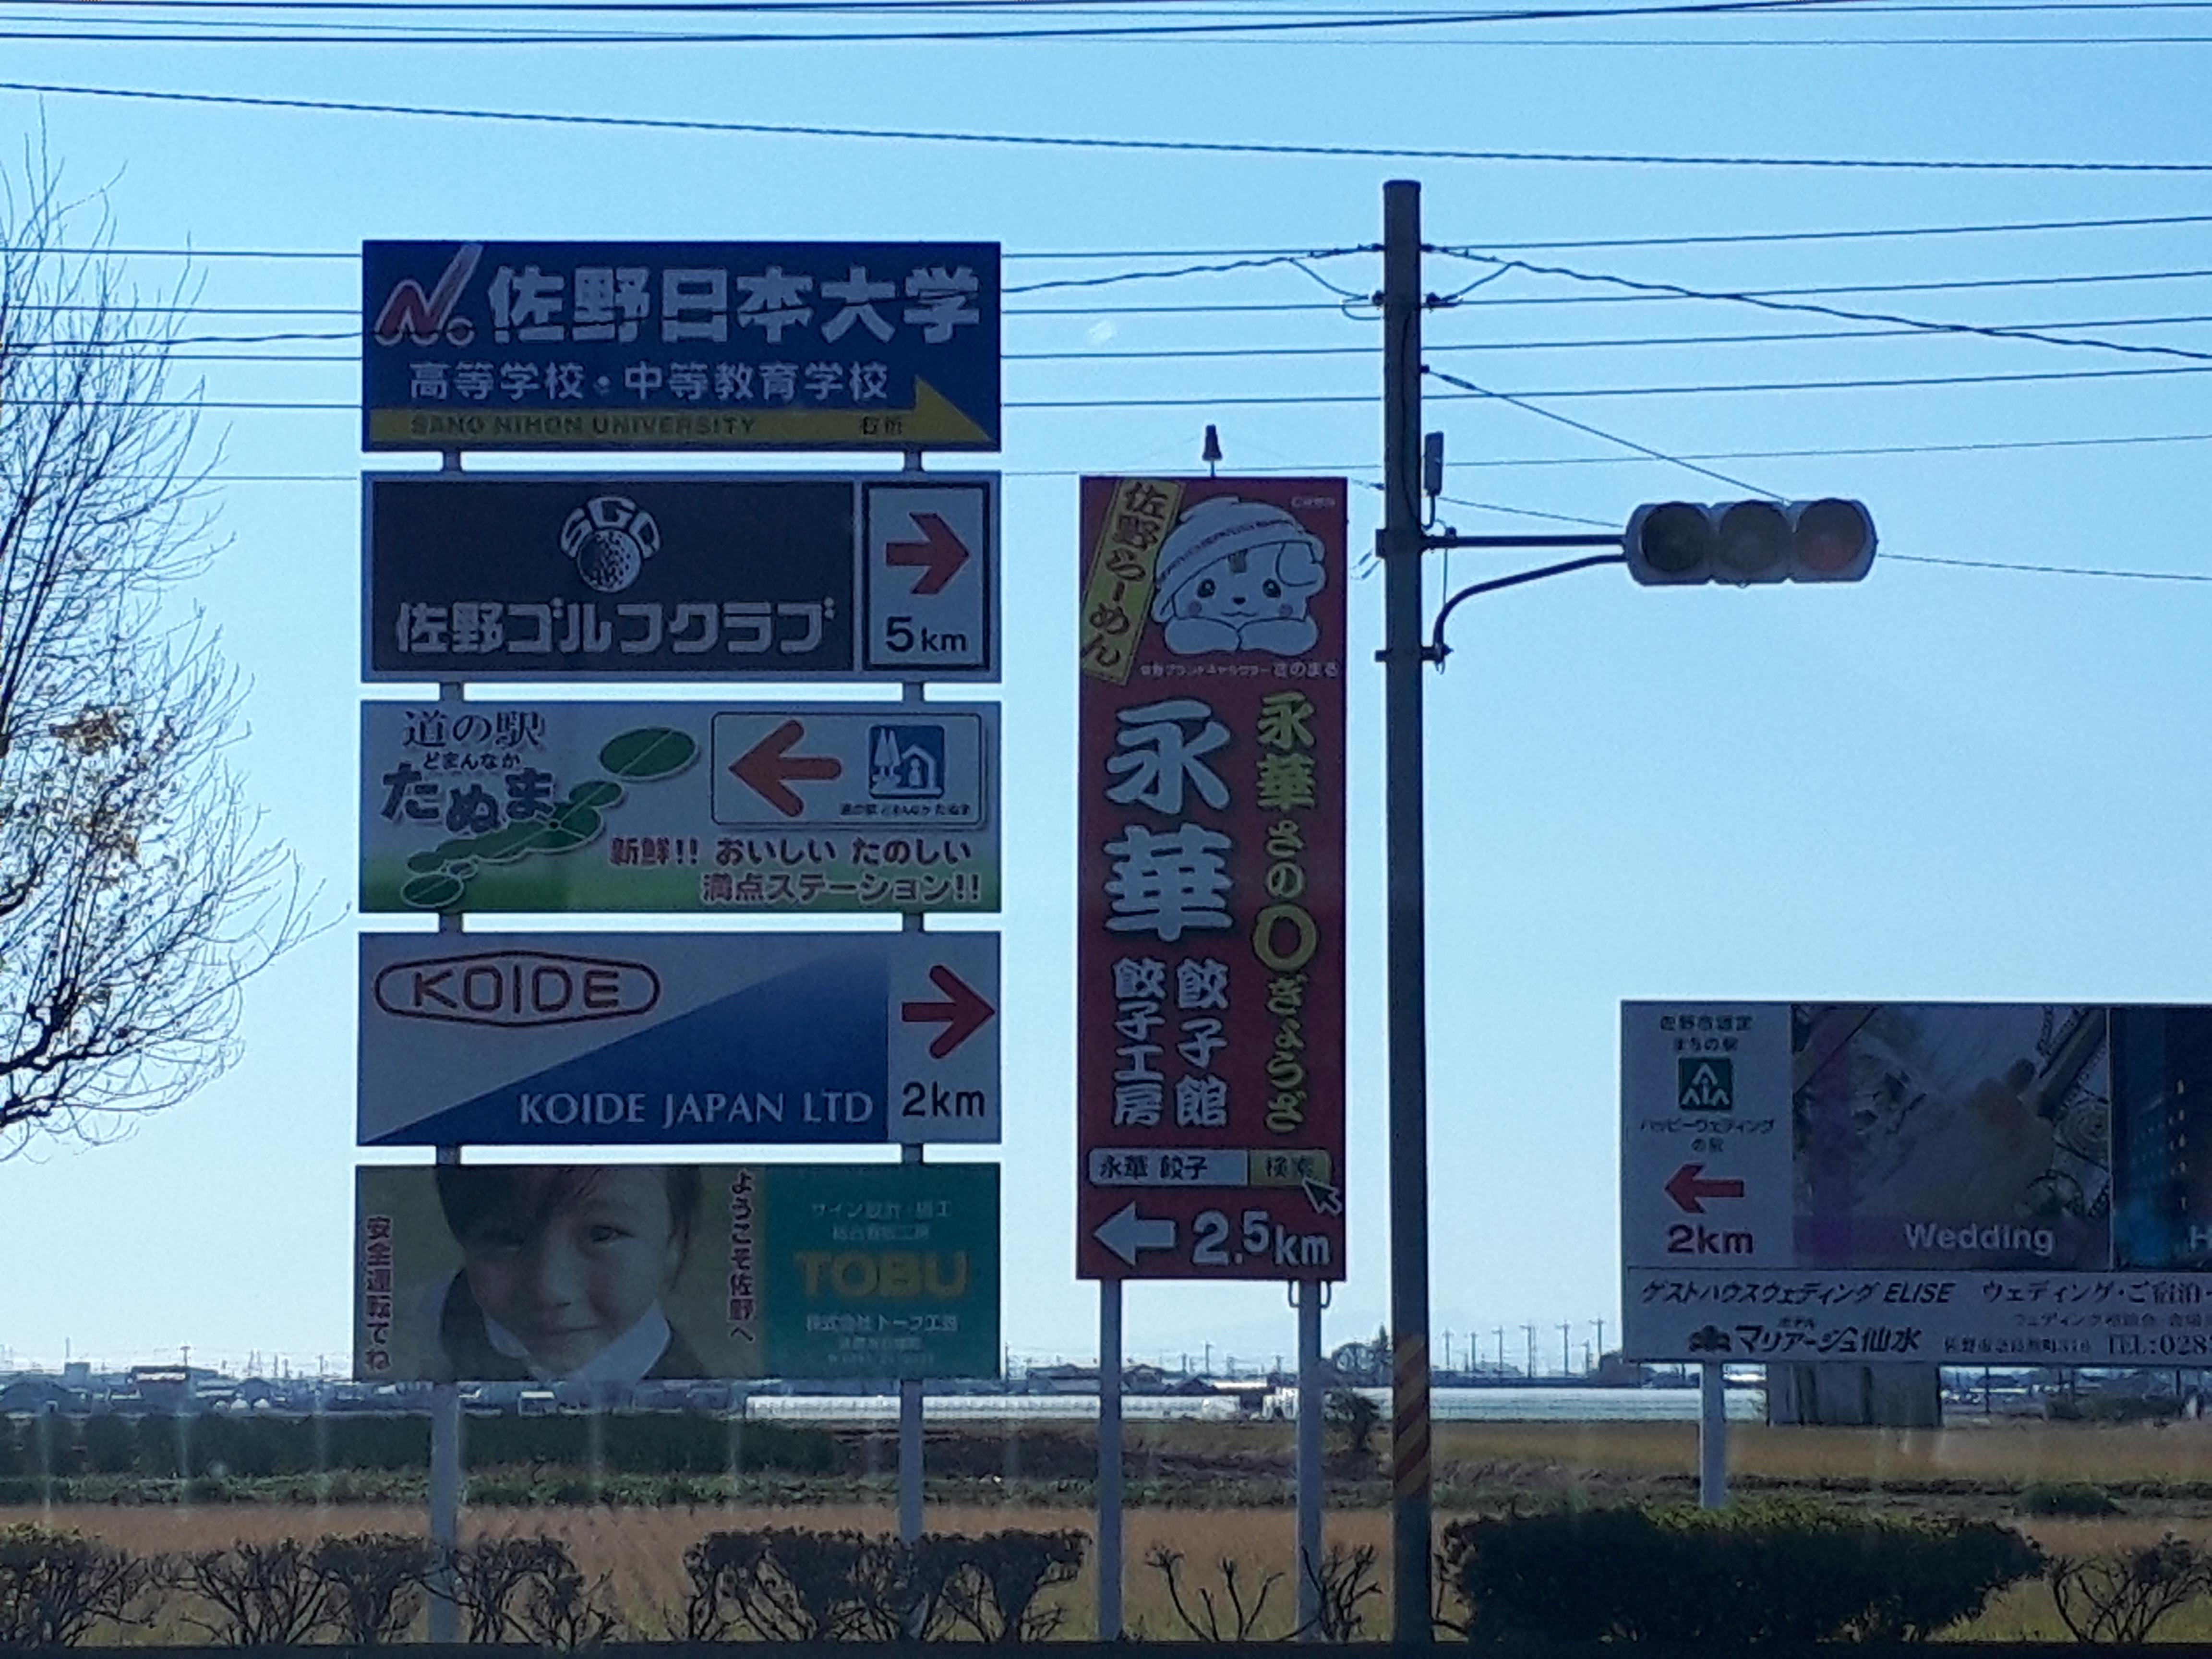 栃木県に、猫たちが大量に住まうモフモフな神社があるというから行ってみた。あ、ちゃんと洗濯済ませてからね。